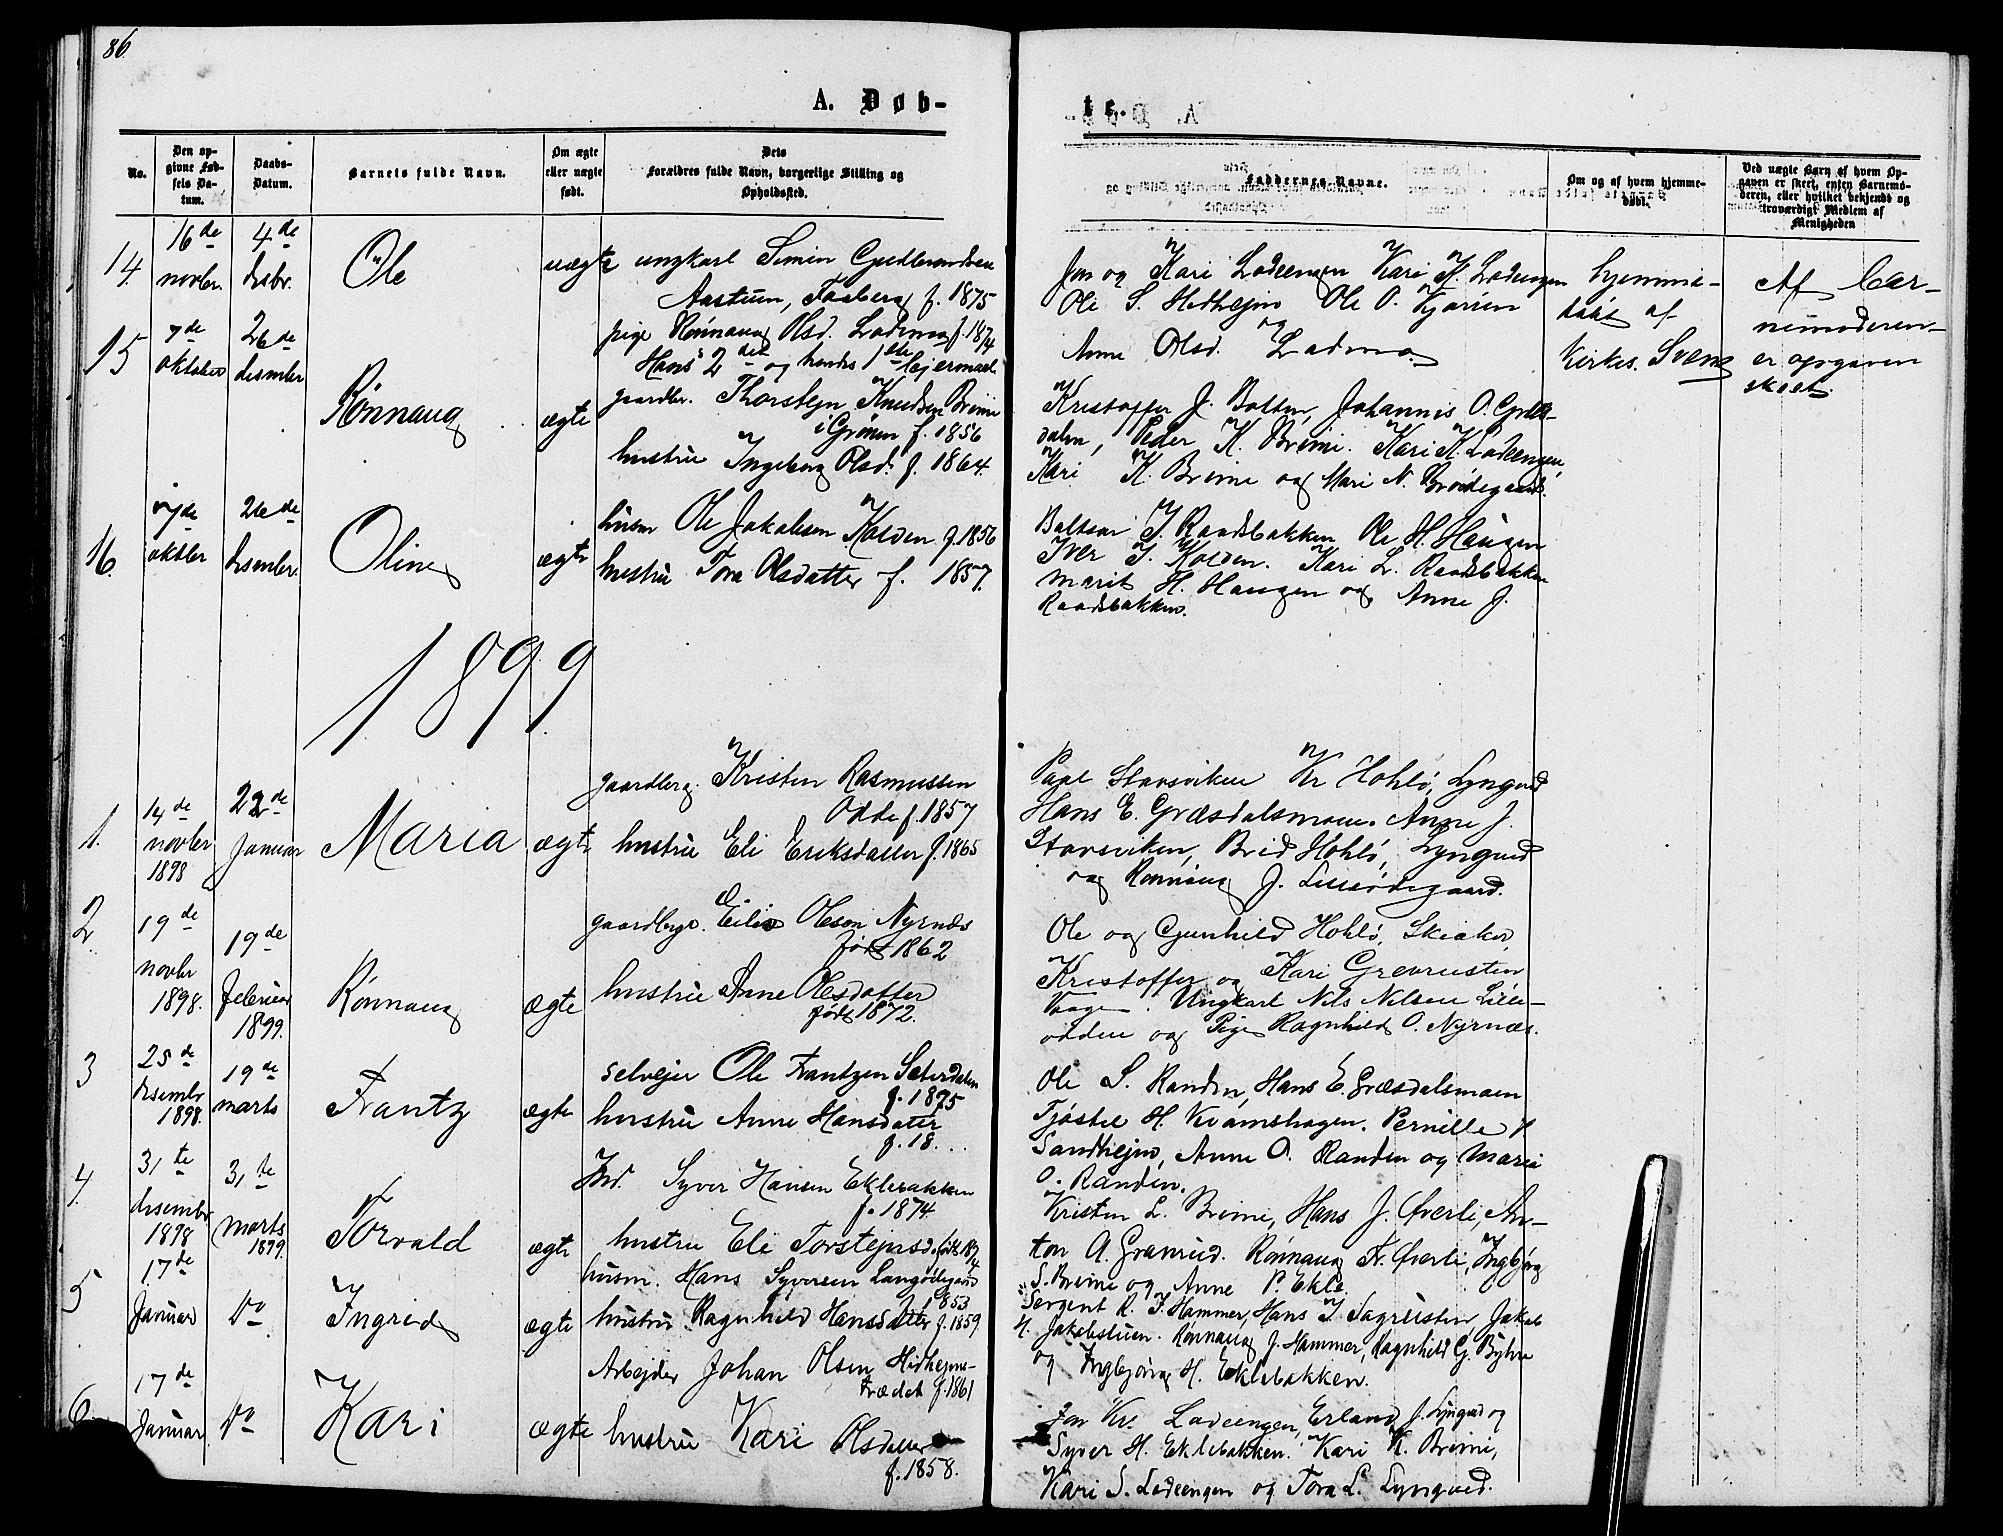 SAH, Lom prestekontor, L/L0005: Klokkerbok nr. 5, 1876-1901, s. 86-87